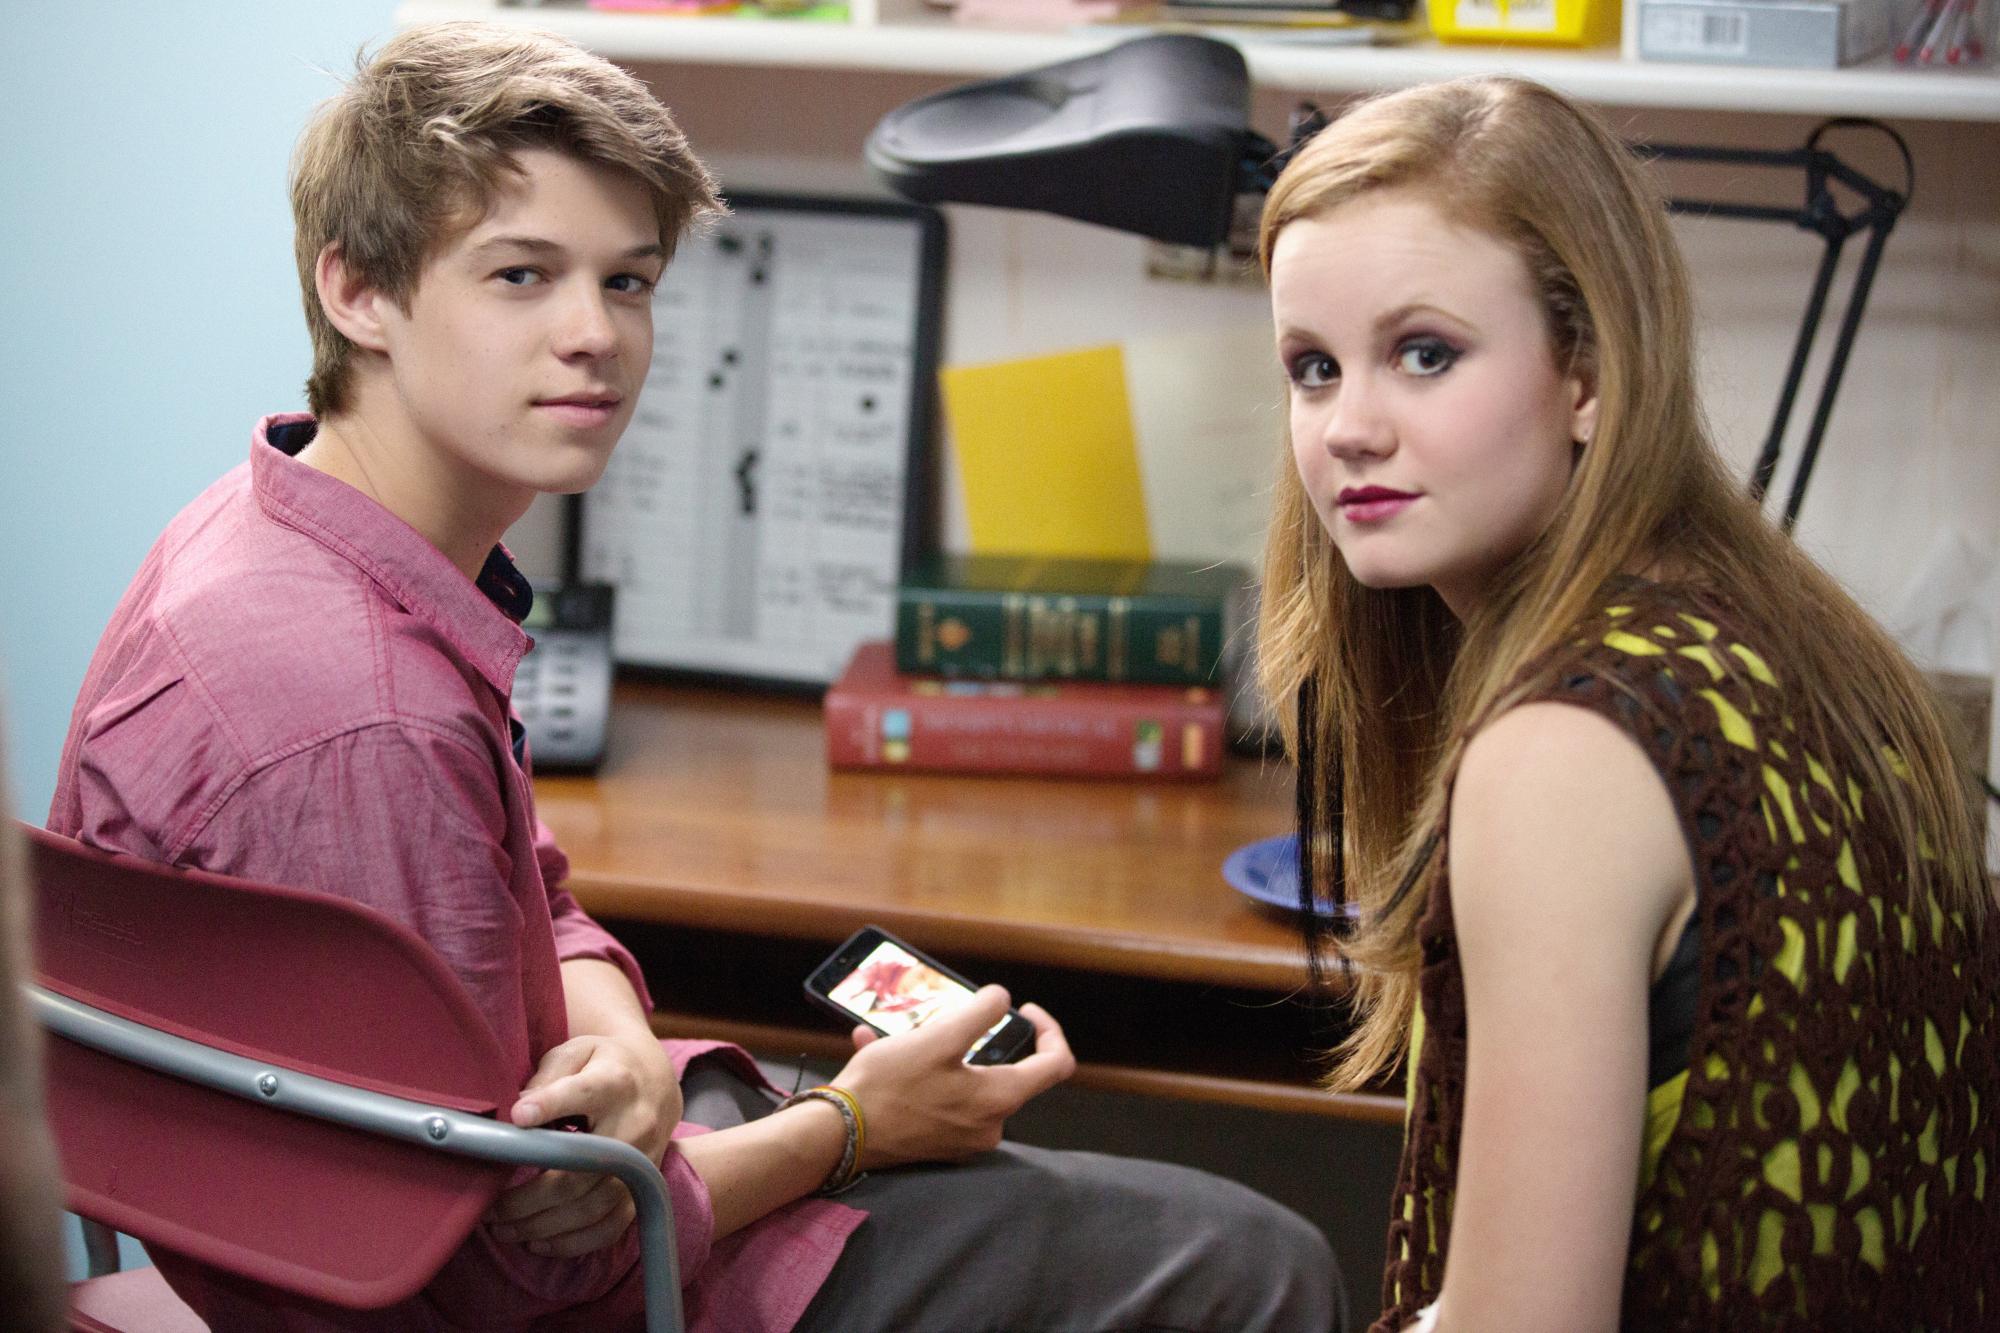 Joe and Norrie